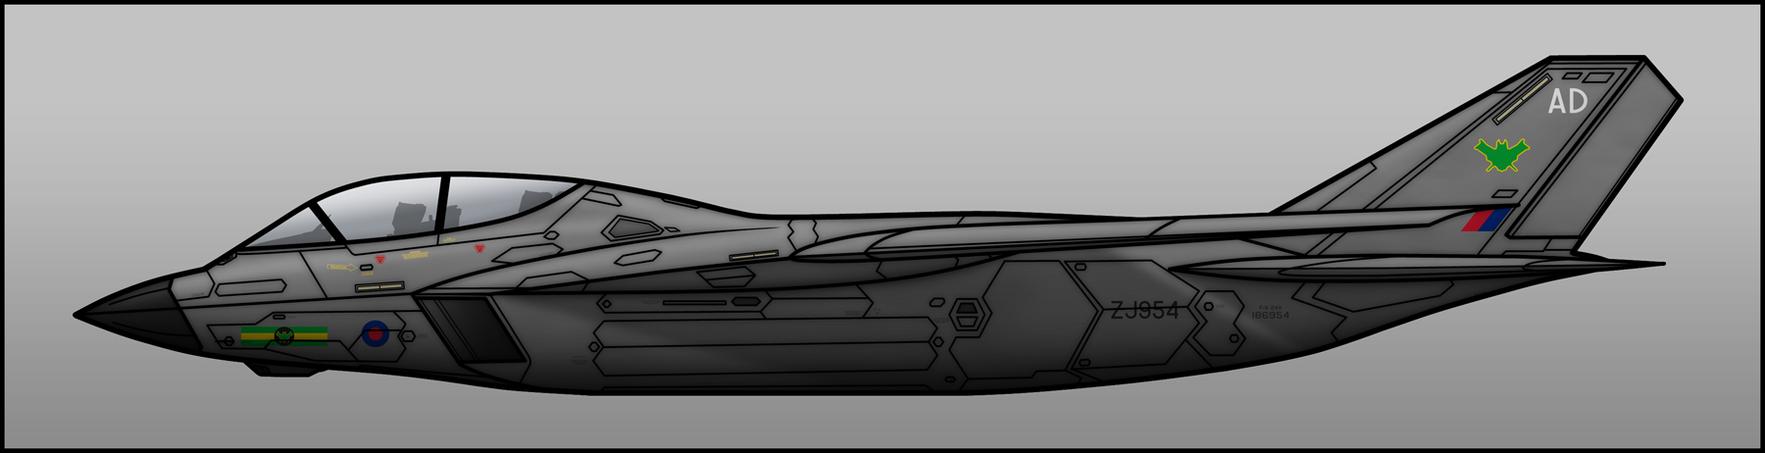 RAF Spectre by Jetfreak-7